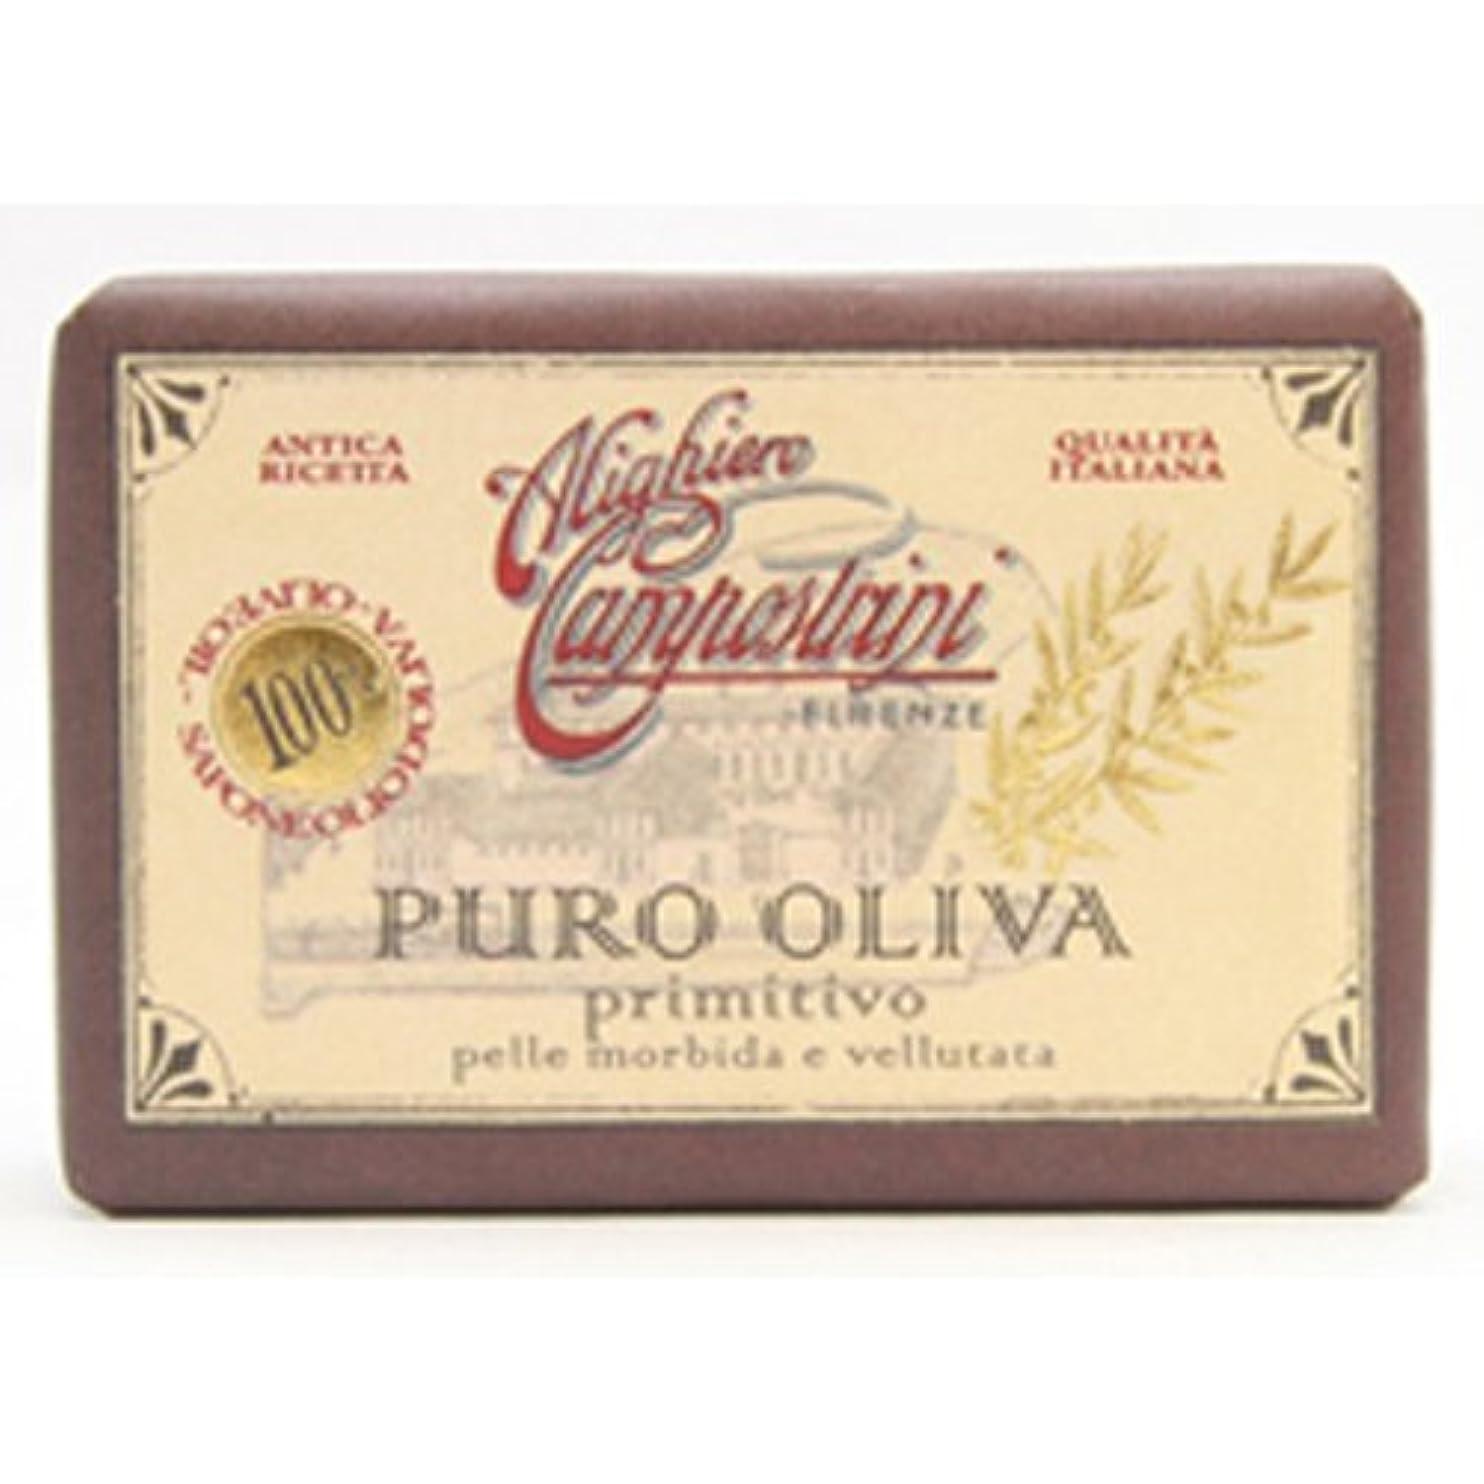 マルクス主義症候群ジョリーSaponerire Fissi サポネリーフィッシー PURO OLIVA Soap オリーブオイル ピュロ ソープ primitivo オリジナル 150g